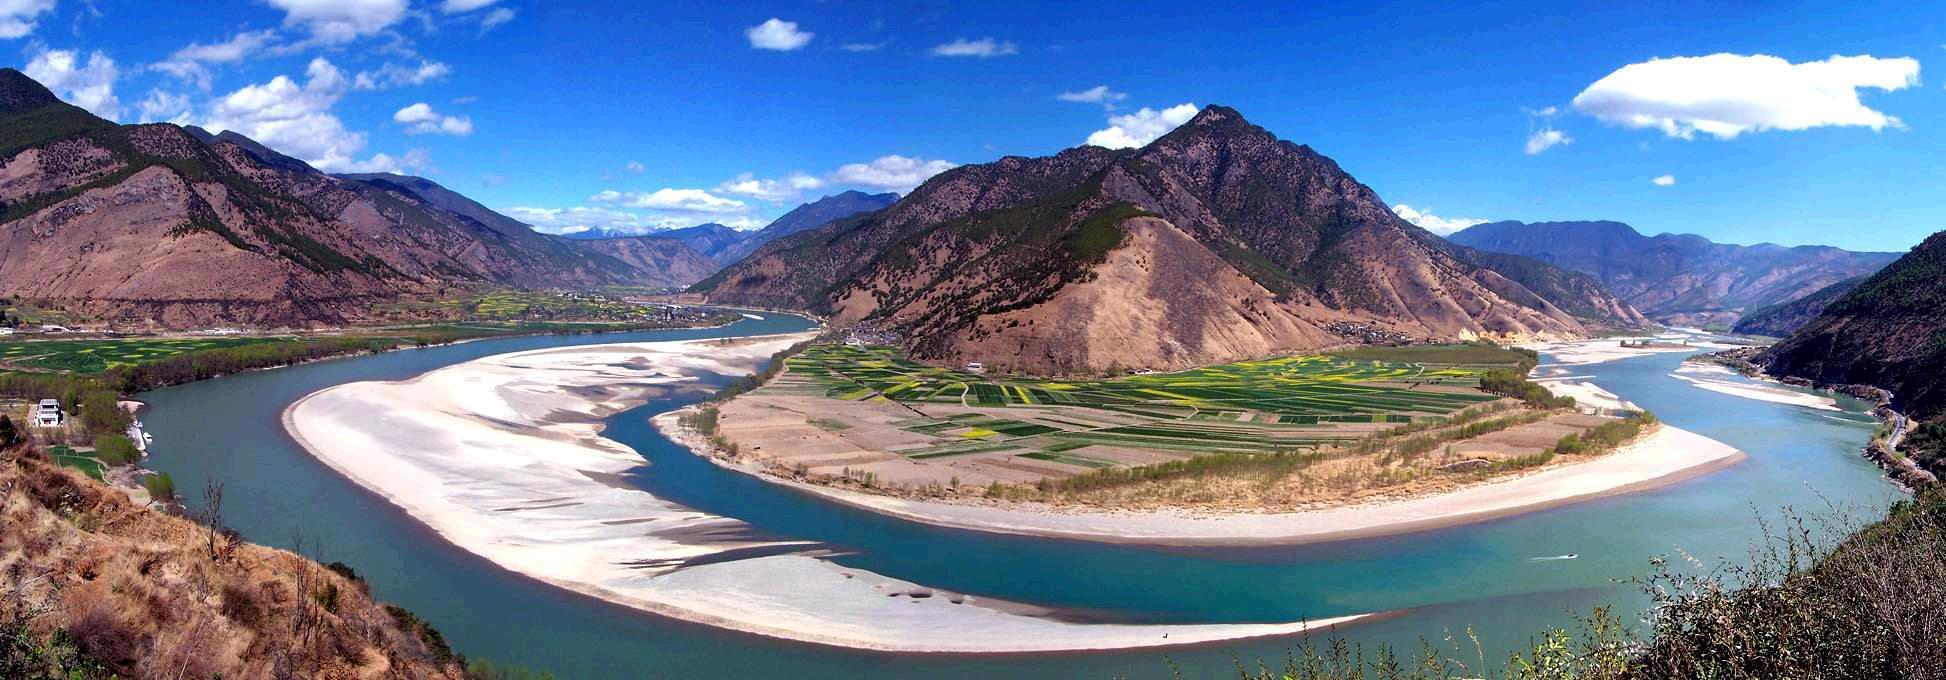 Belokan pertama sungai Yangtze